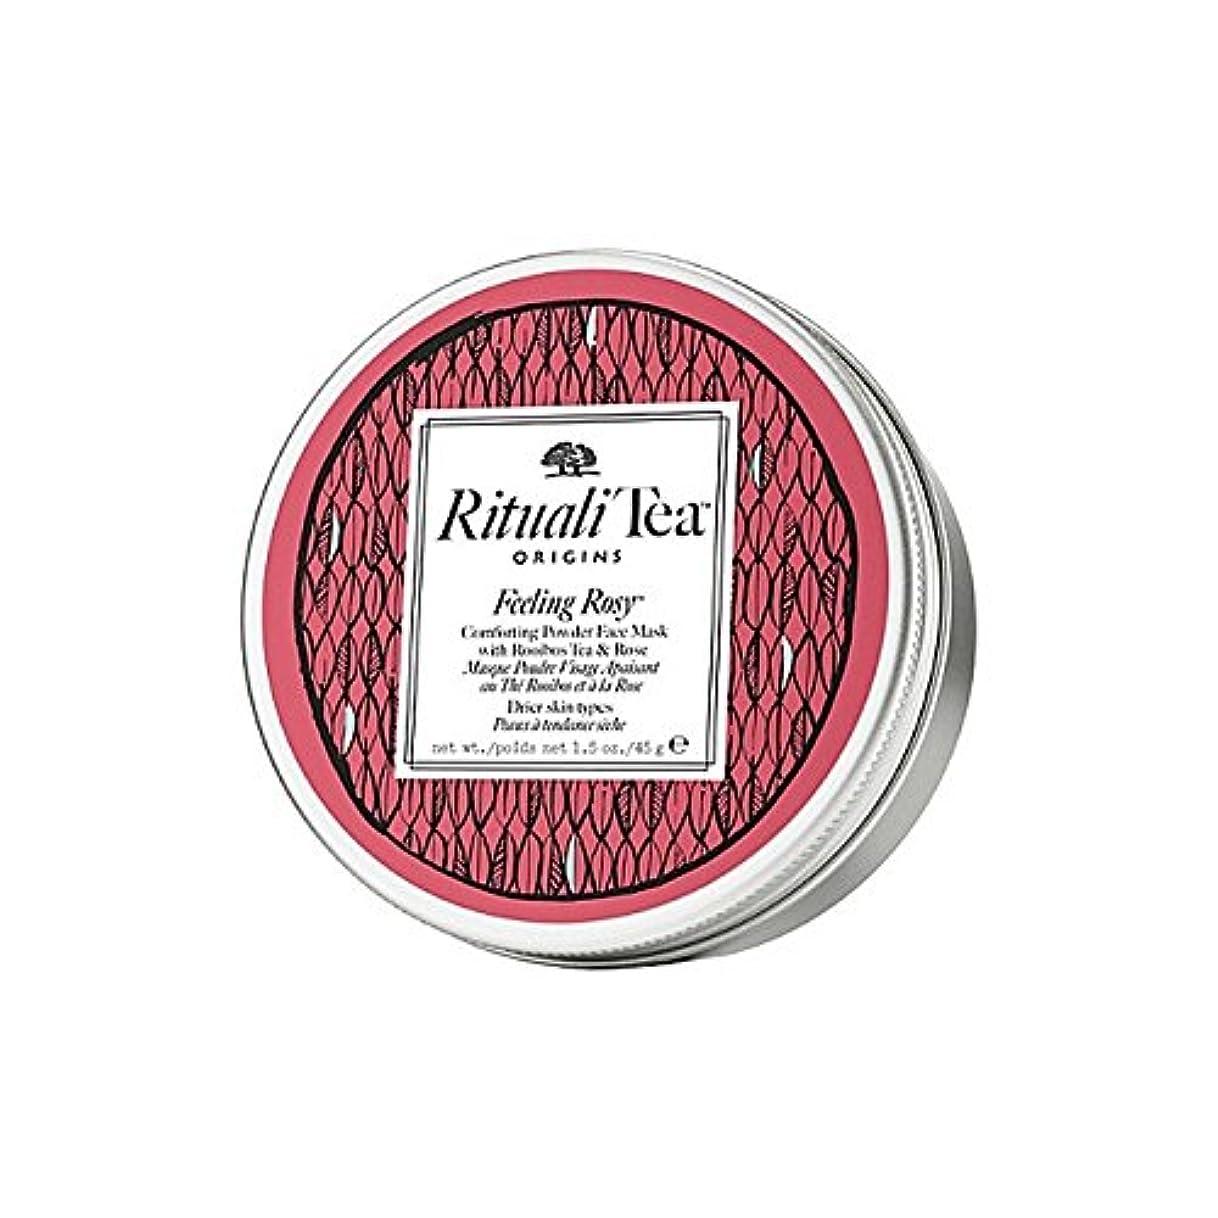 散らすどっち急速なOrigins Ritualitea Feeling Rosy Face Mask (Pack of 6) - バラ色のフェイスマスクを感じ起源 x6 [並行輸入品]